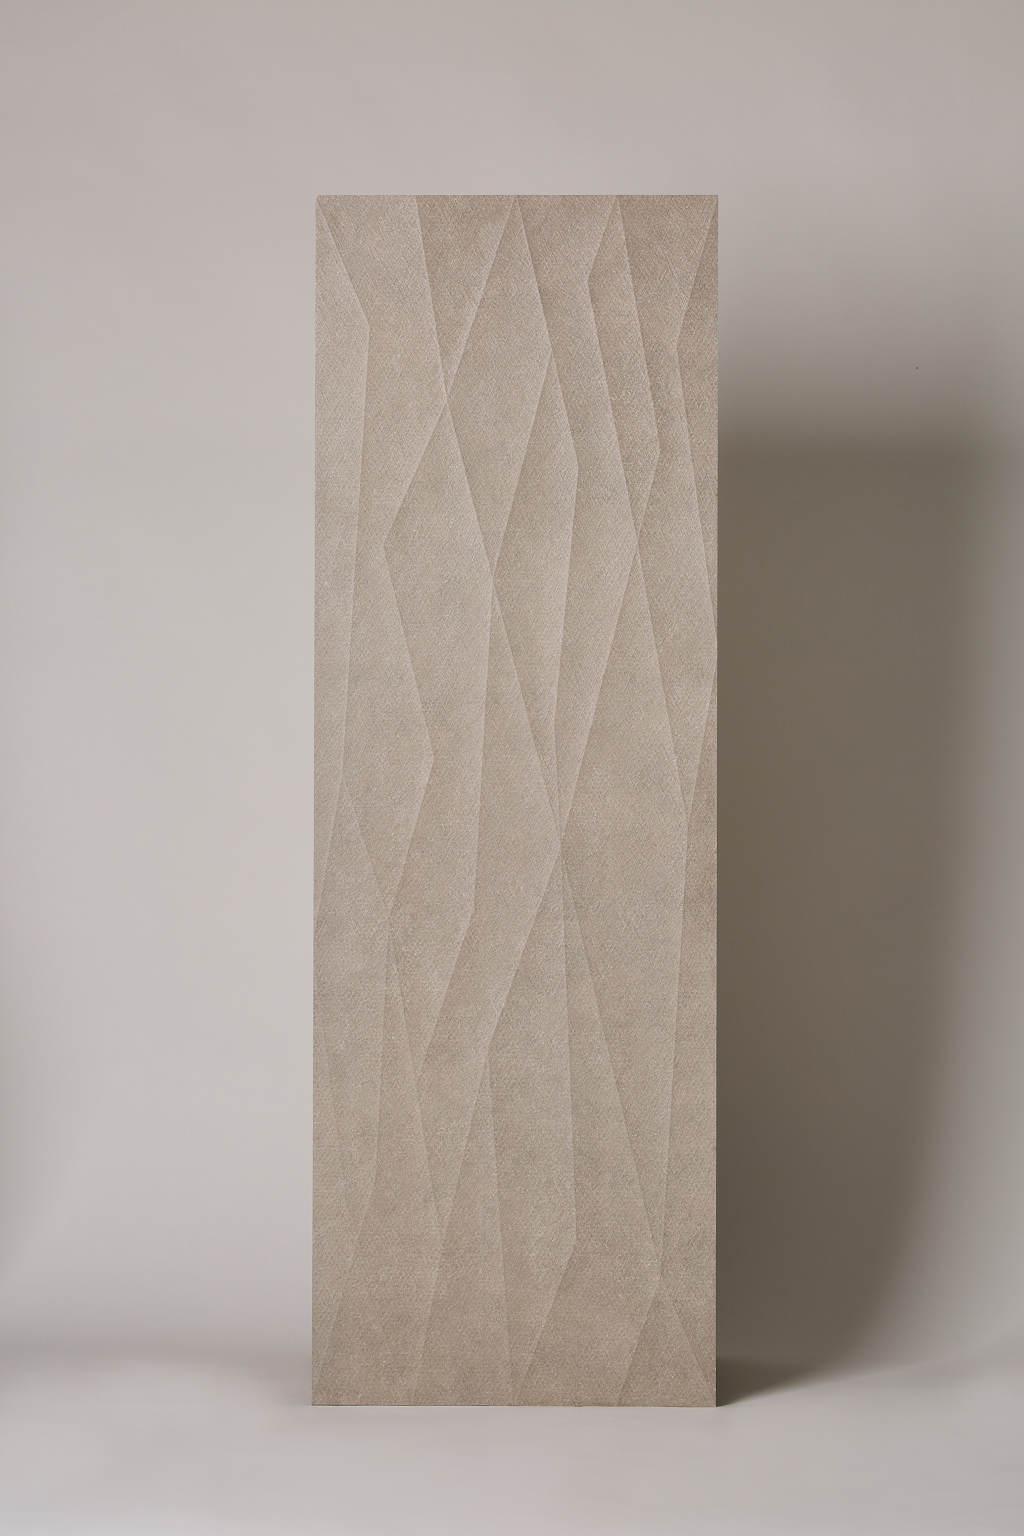 Płytka hiszpańska, gresowa, rektyfikowana, dekoracyjna, matowa, ścienna, rozmiar 40x120cm- Ape Click mist net